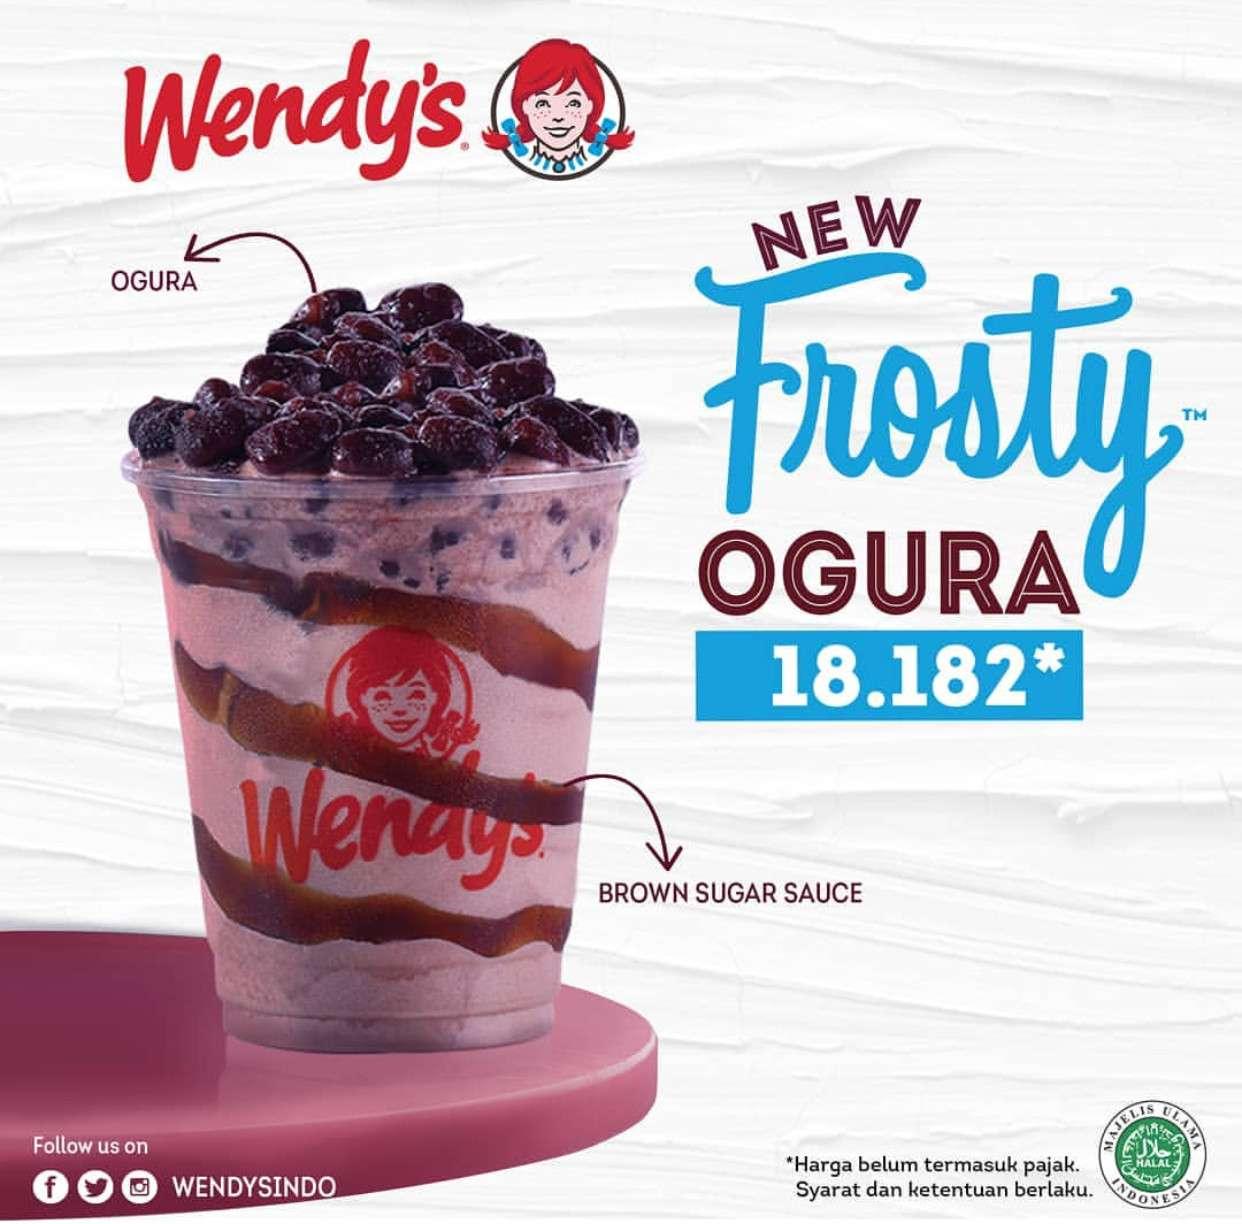 Wendy's New Frosty Ogura cuma Rp. 18.182